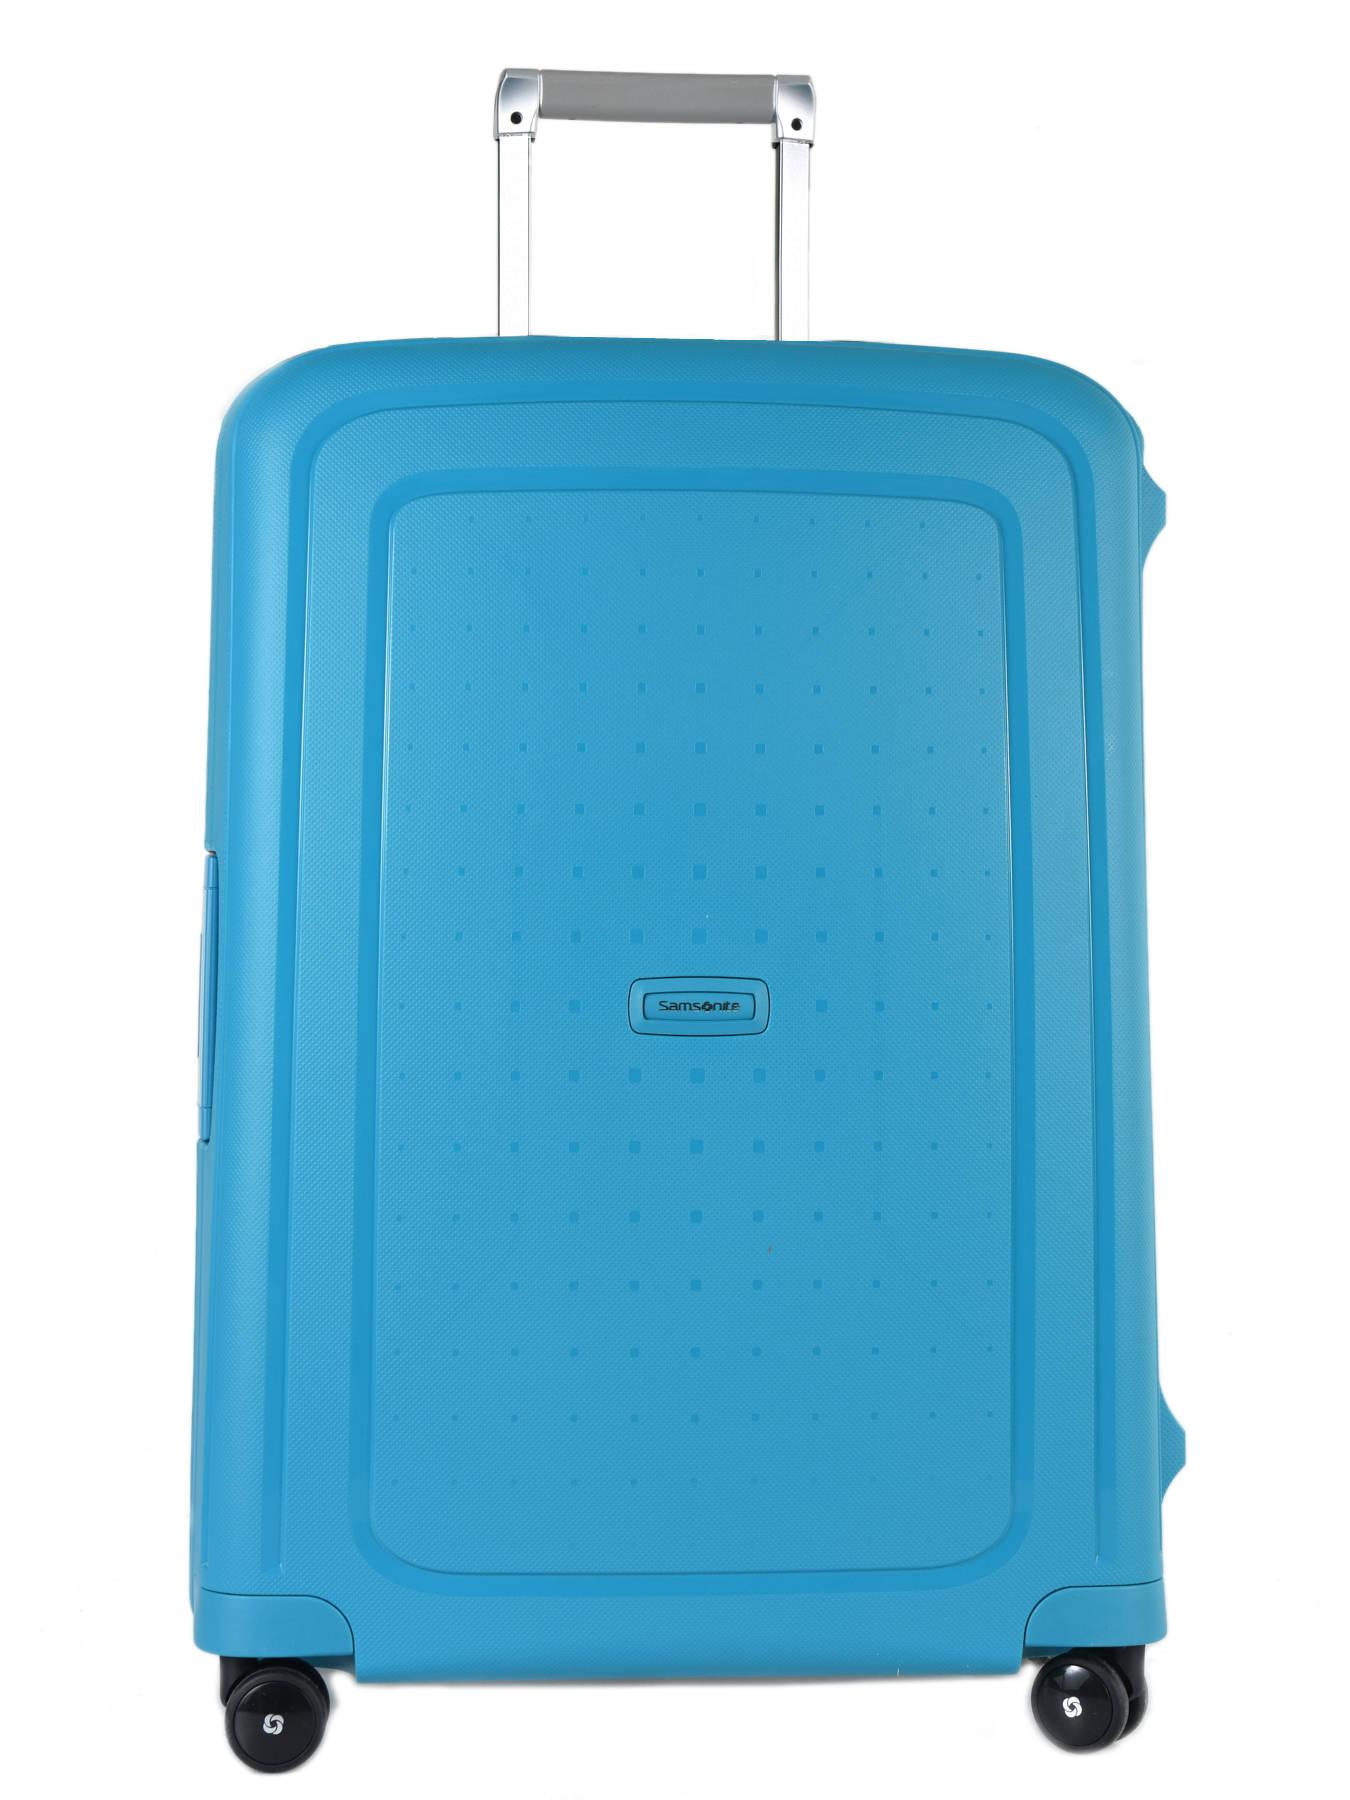 valise rigide samsonite s 39 cure s 39 cure sur. Black Bedroom Furniture Sets. Home Design Ideas